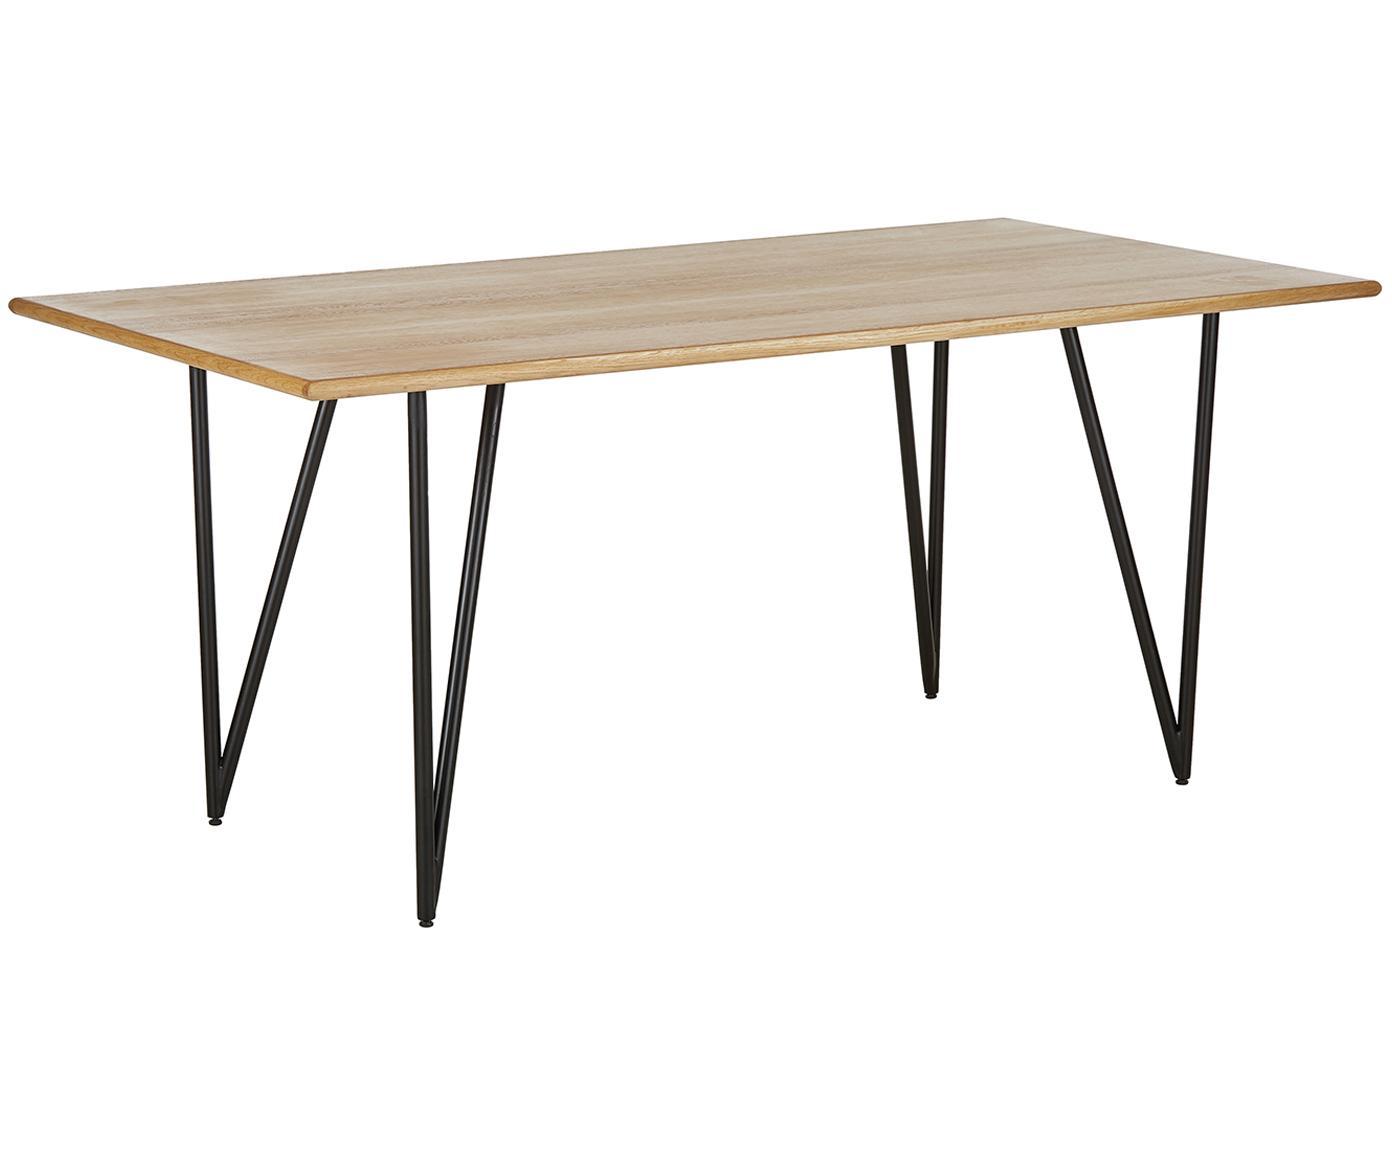 Esstisch Juno aus Eichenholzfurnier, Tischplatte: Mitteldichte Holzfaserpla, Gestell: Metall, pulverbeschichtet, Eichenholzfurnier, B 180 x T 90 cm